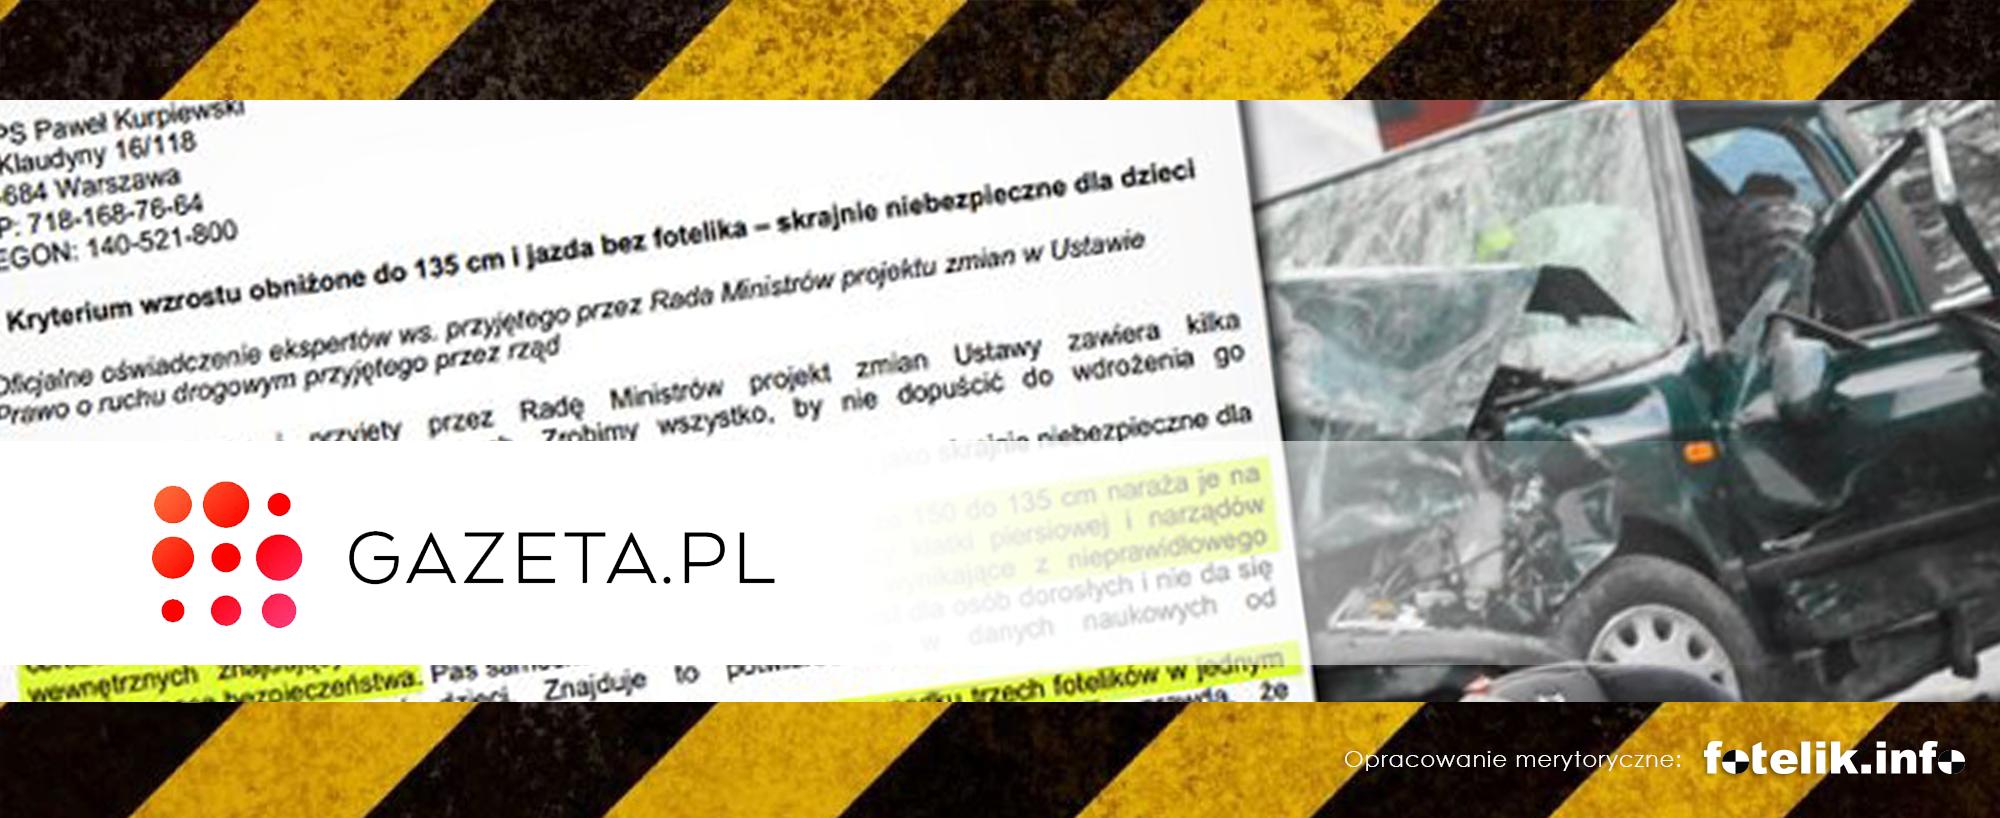 """Gazeta Wyborcza o absurdalnym projekcie rządu: """"135 cm to śmiertelnie niebezpieczny pomysł"""""""